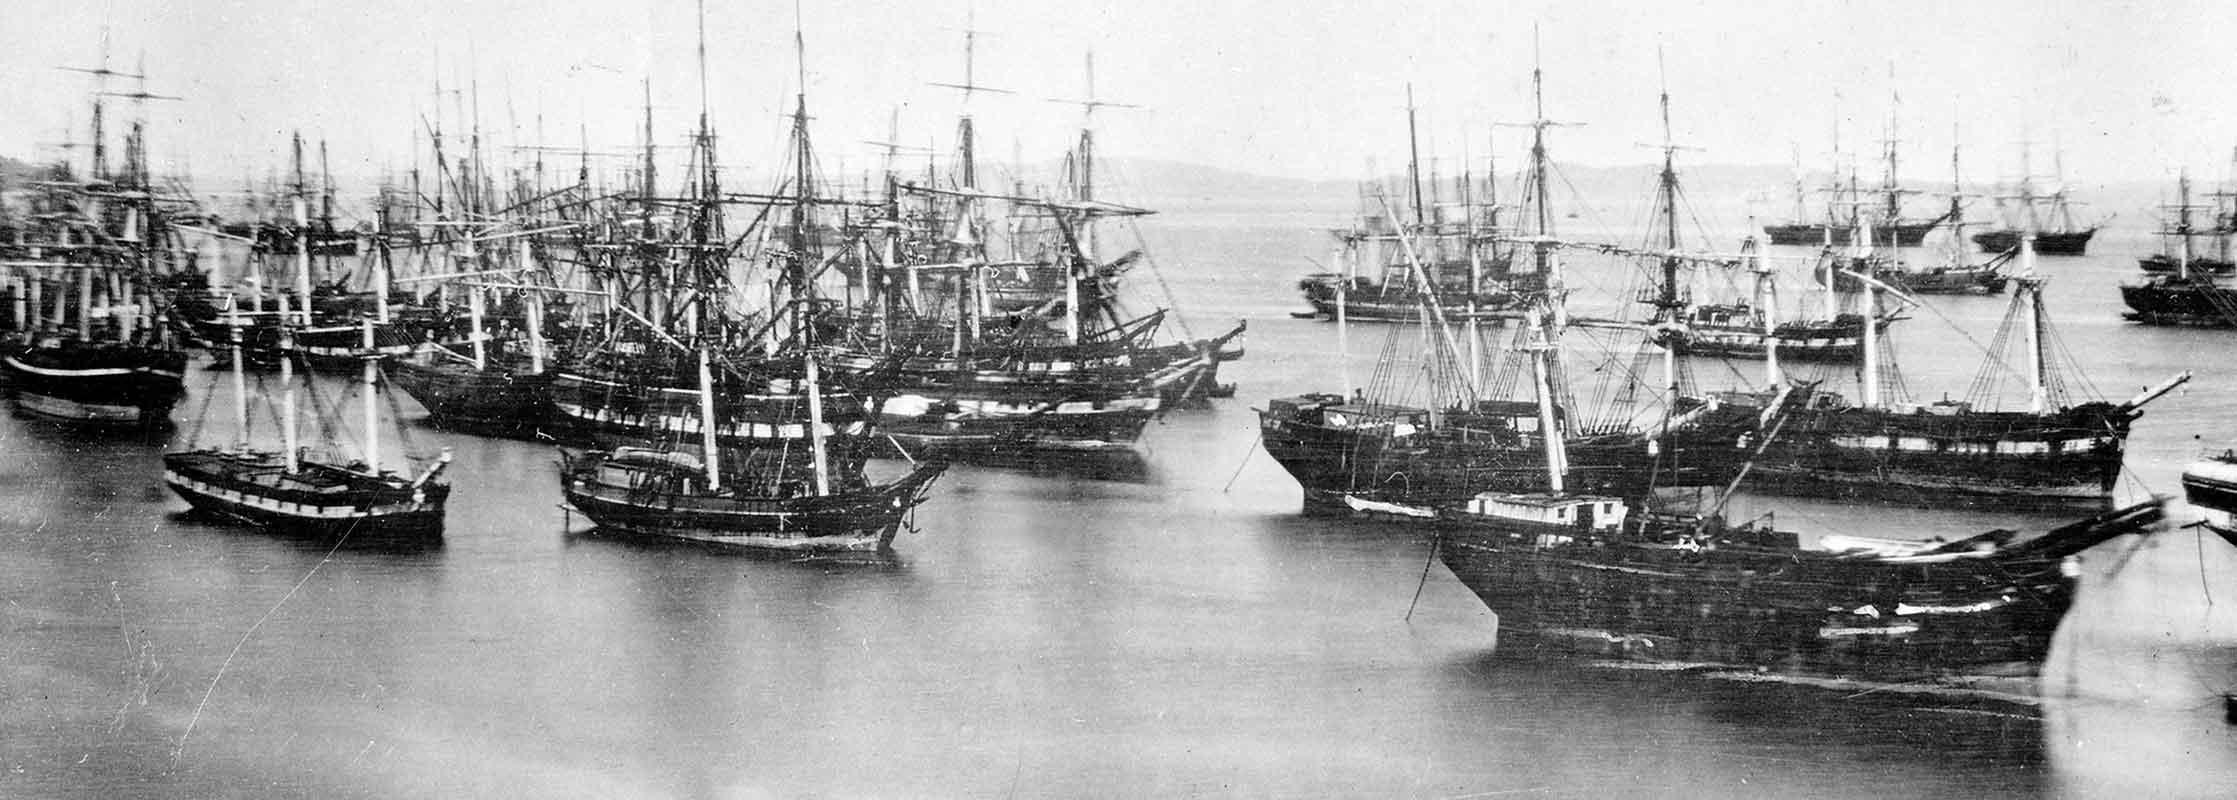 У причалов Сан-Франциско скопилось множество брошенных кораблей